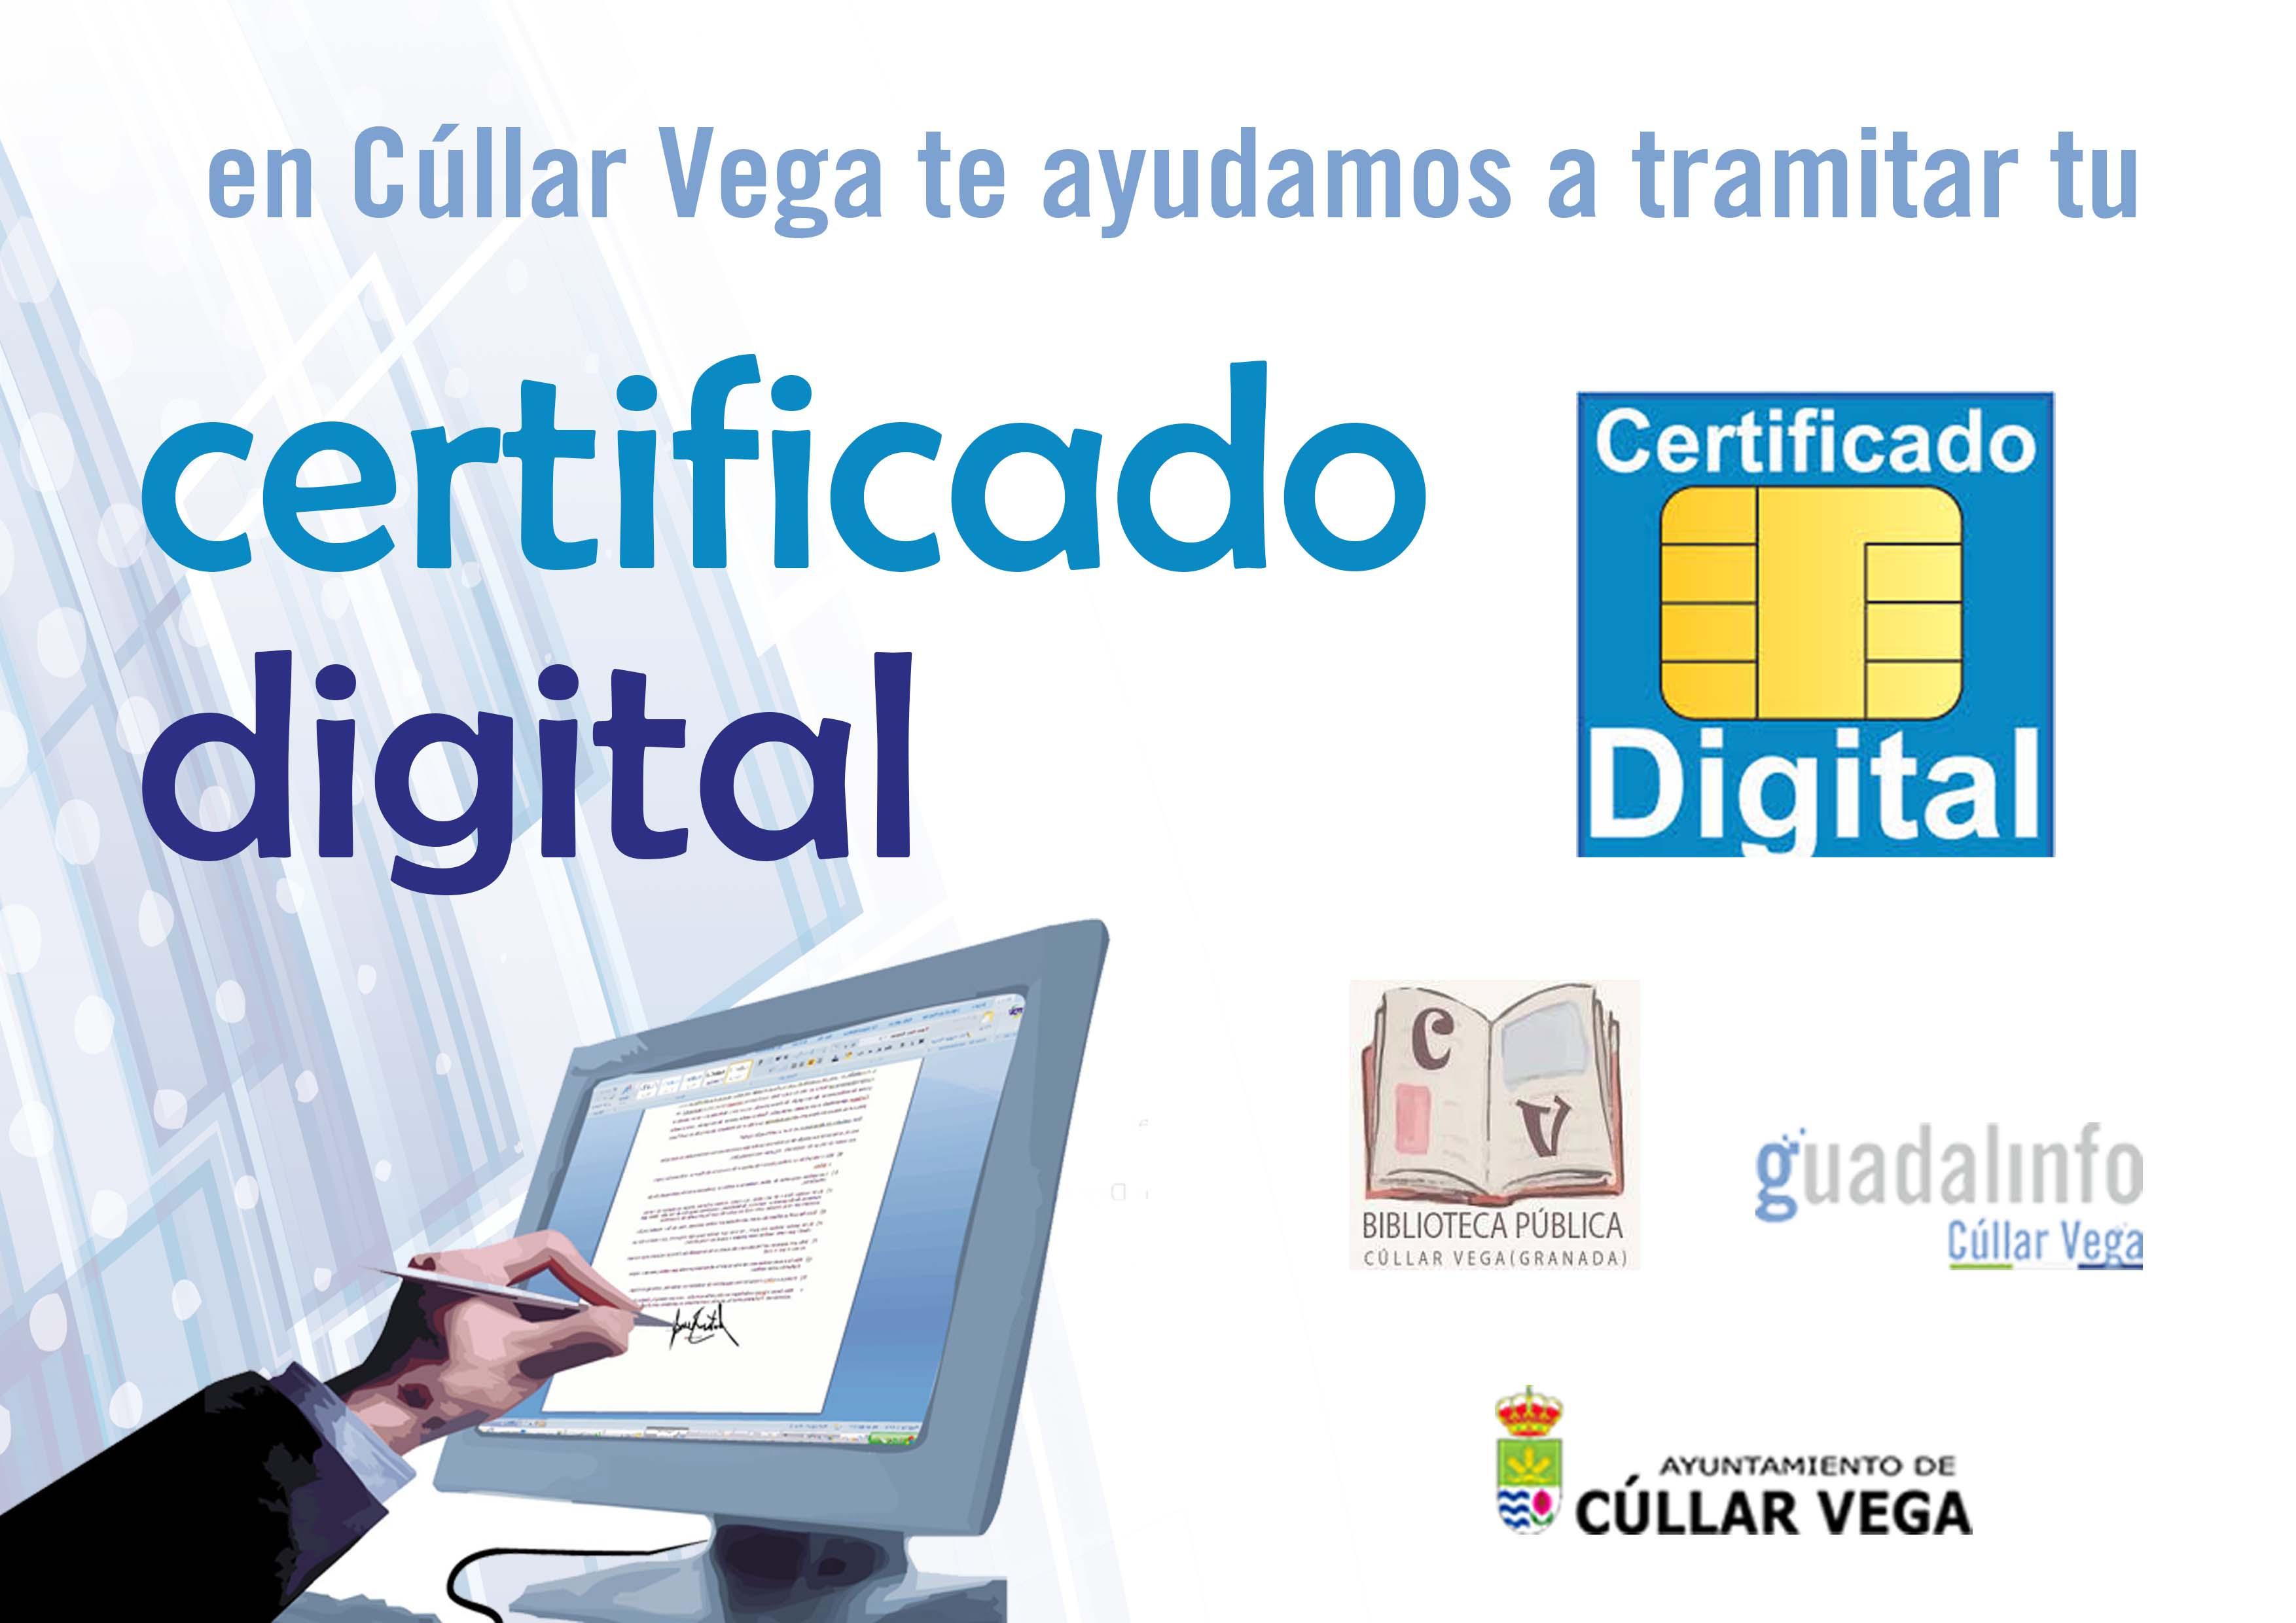 Cúllar Vega cuenta con 2 oficinas registradoras para el Certificado Digital